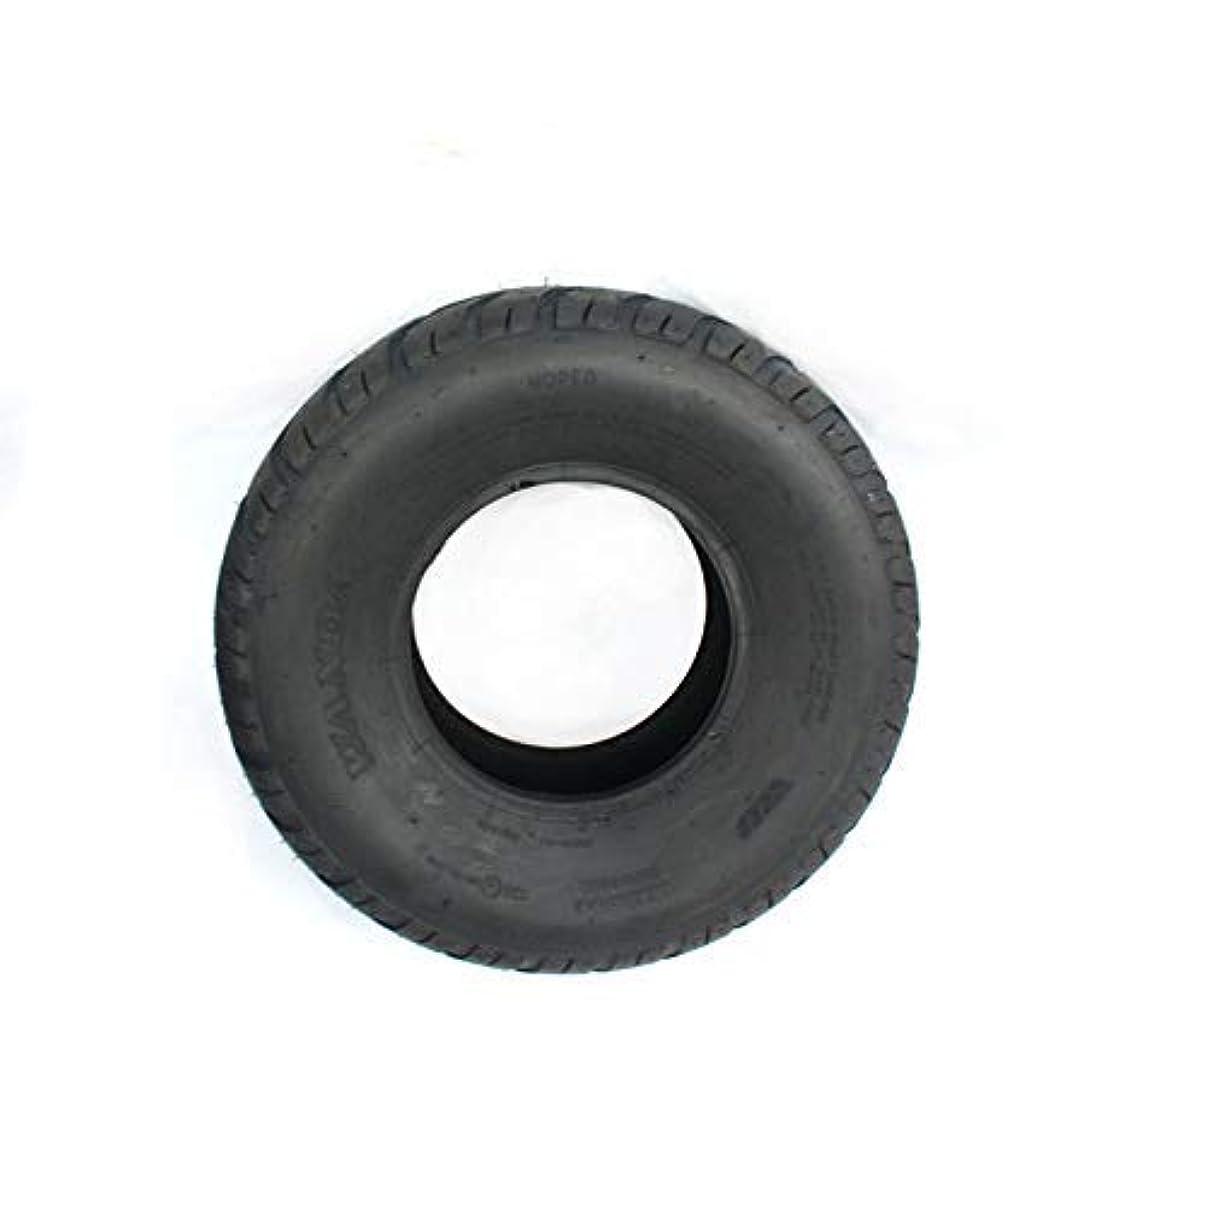 シリアル中絶ブリーフケースDBSCD 18x8.00-8インチチューブレスタイヤ耐摩耗性と電気自動車のビーチカーATVカートパーツ用に厚く